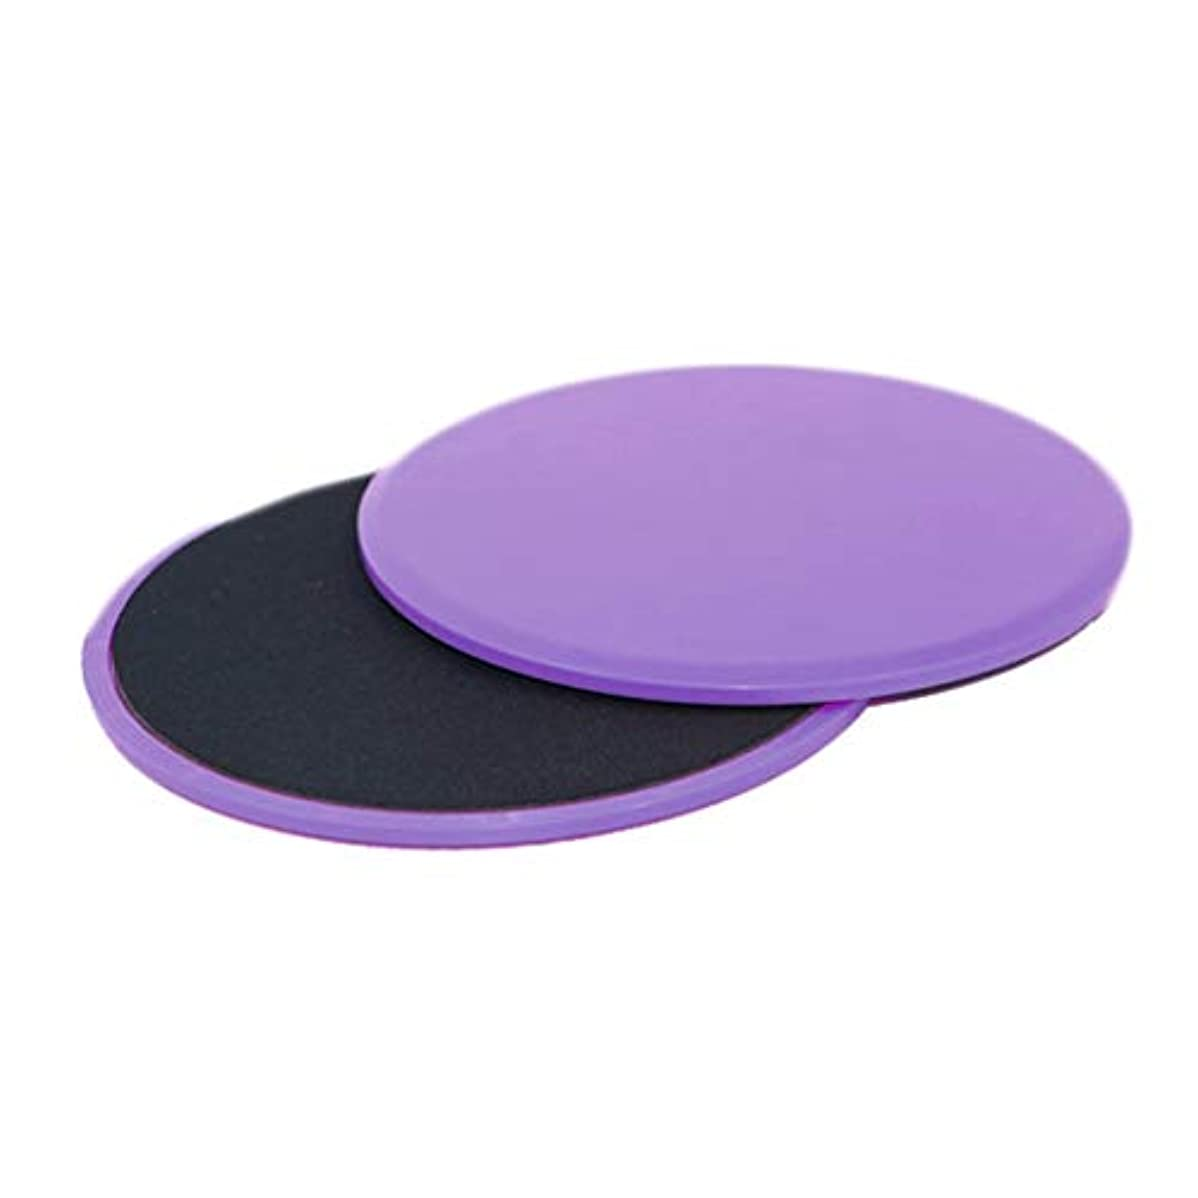 おとうさん憧れ提出するフィットネススライドグライディングディスク調整能力フィットネスエクササイズスライダーコアトレーニング腹部と全身トレーニング - パープル